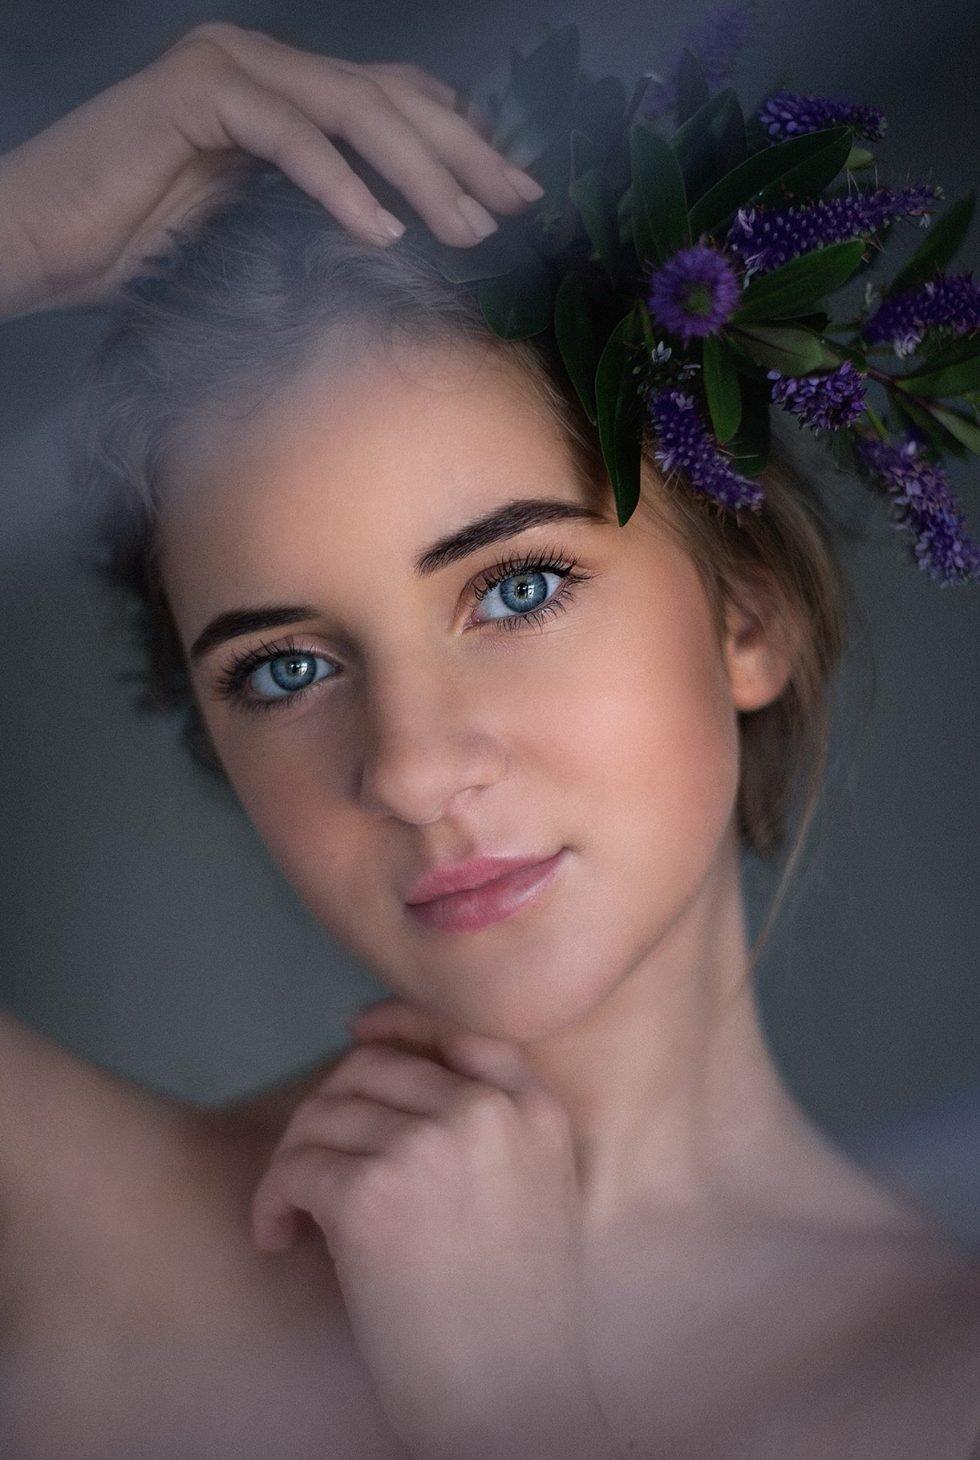 Evelina-Eve-5033